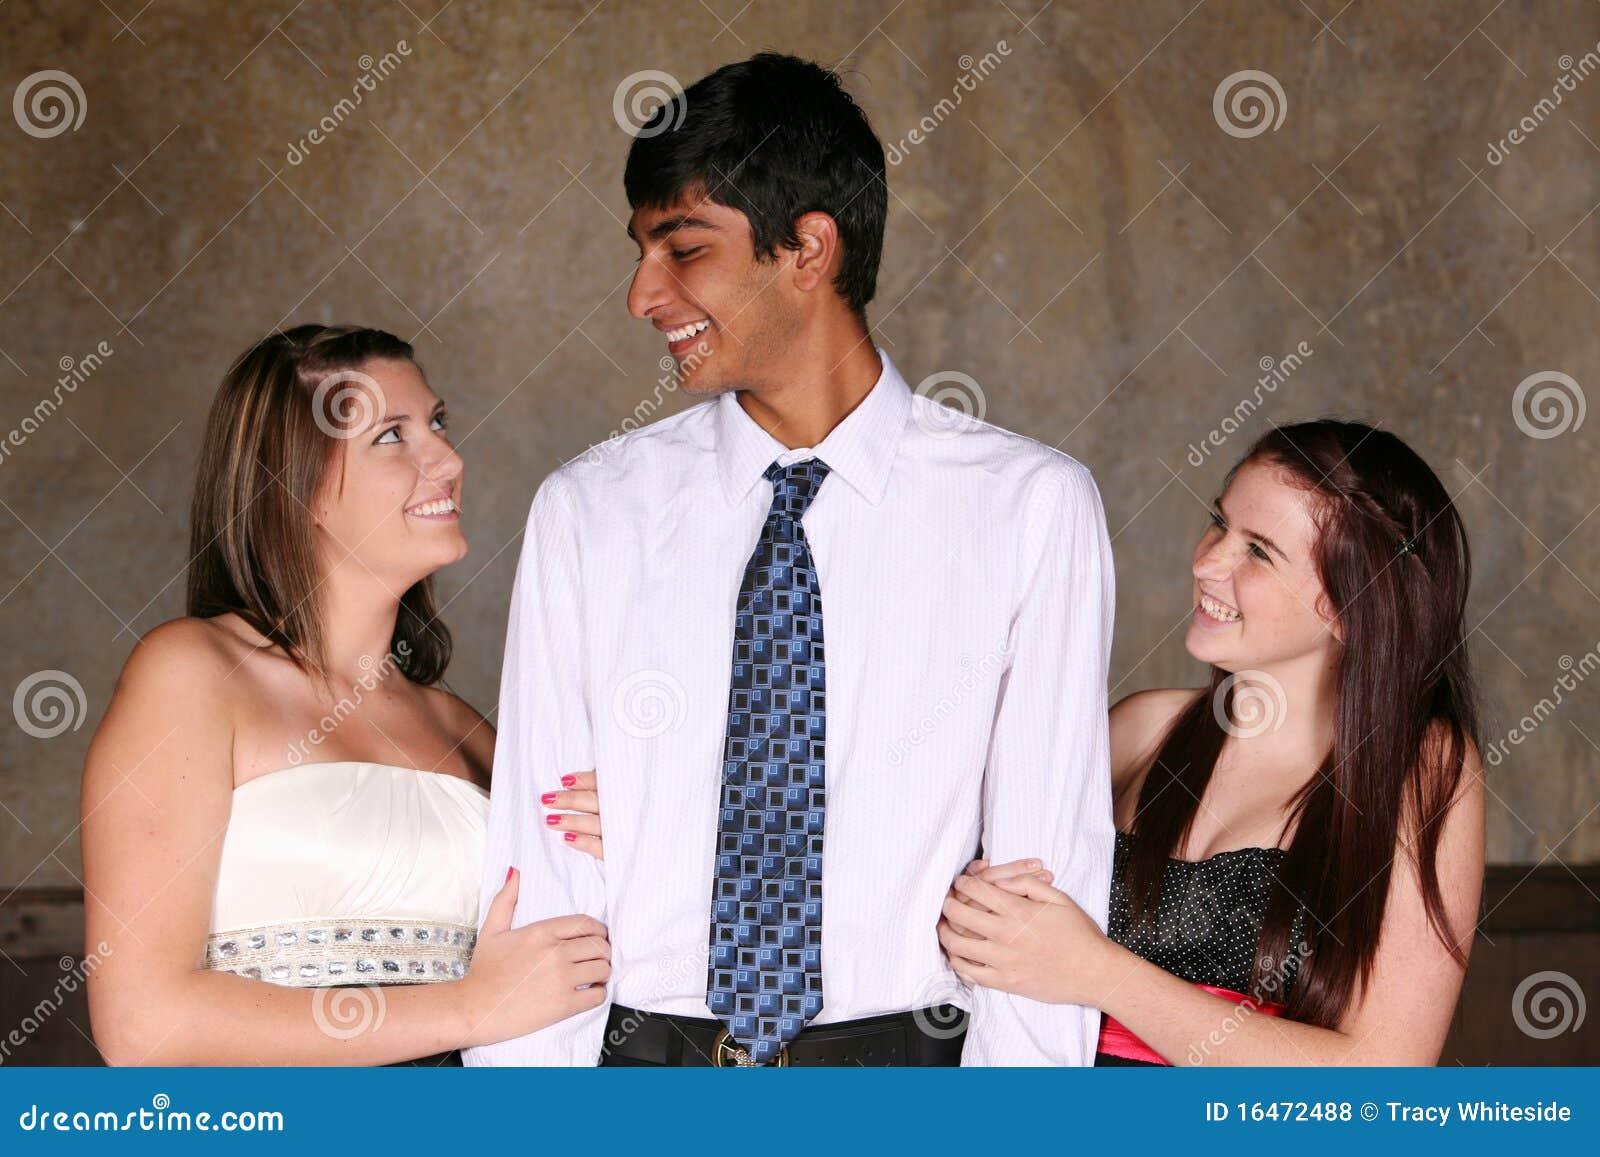 Diverse teens flirting